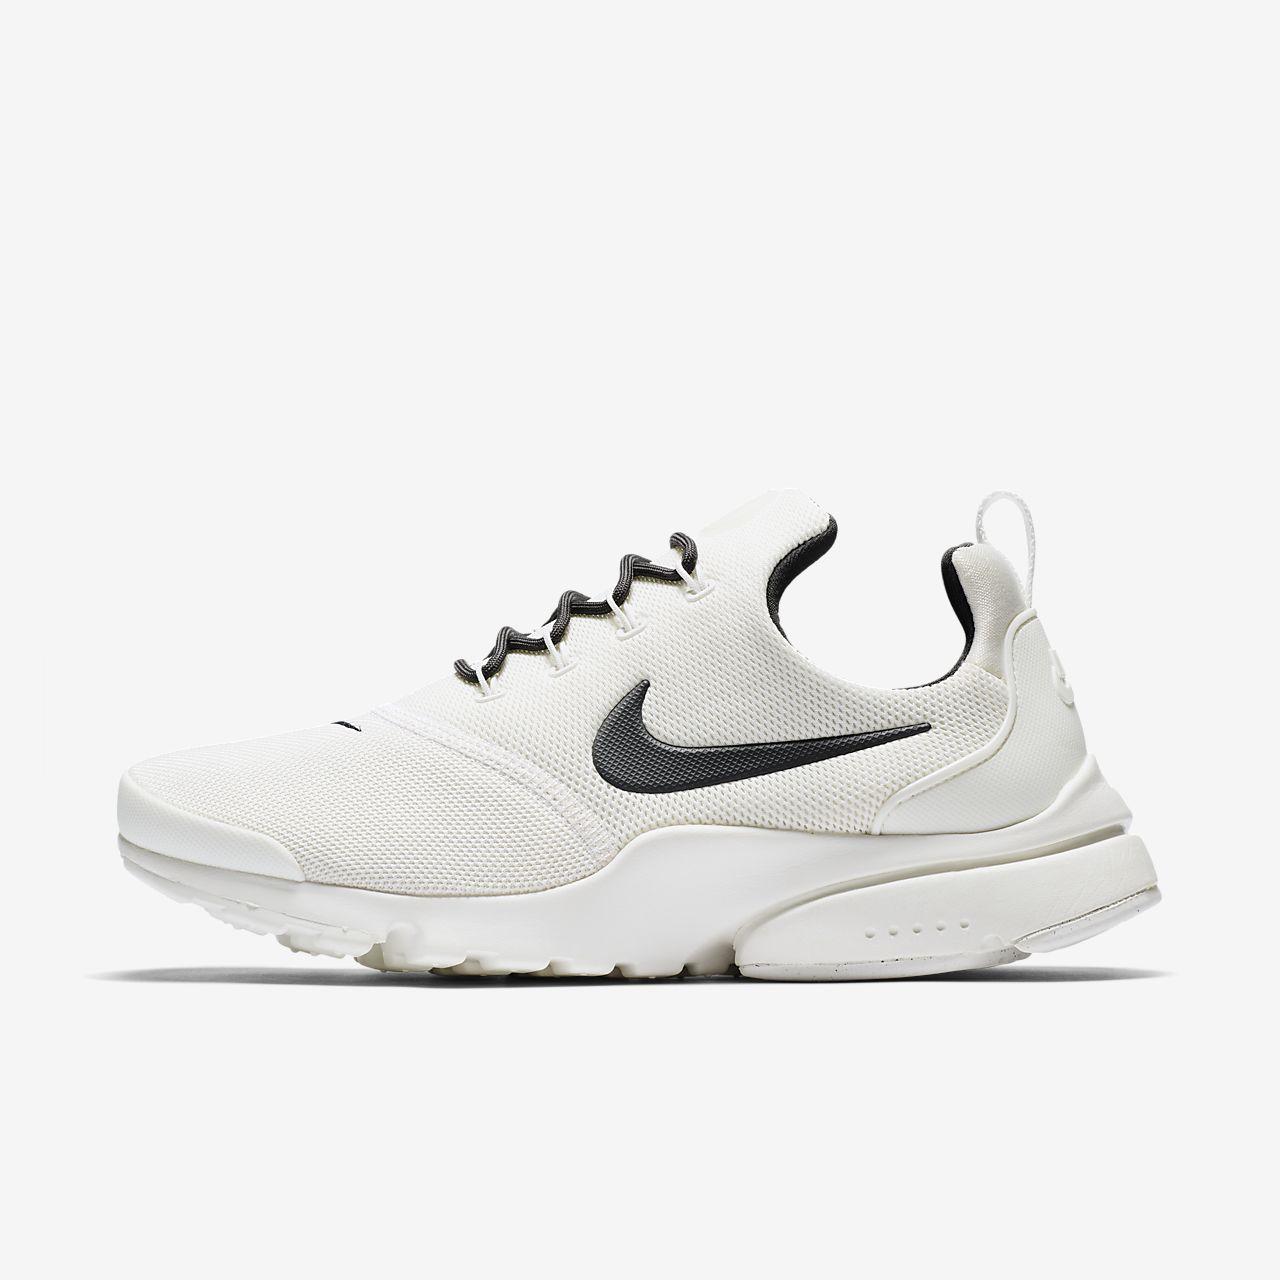 ... Nike Presto Fly Women's Shoe